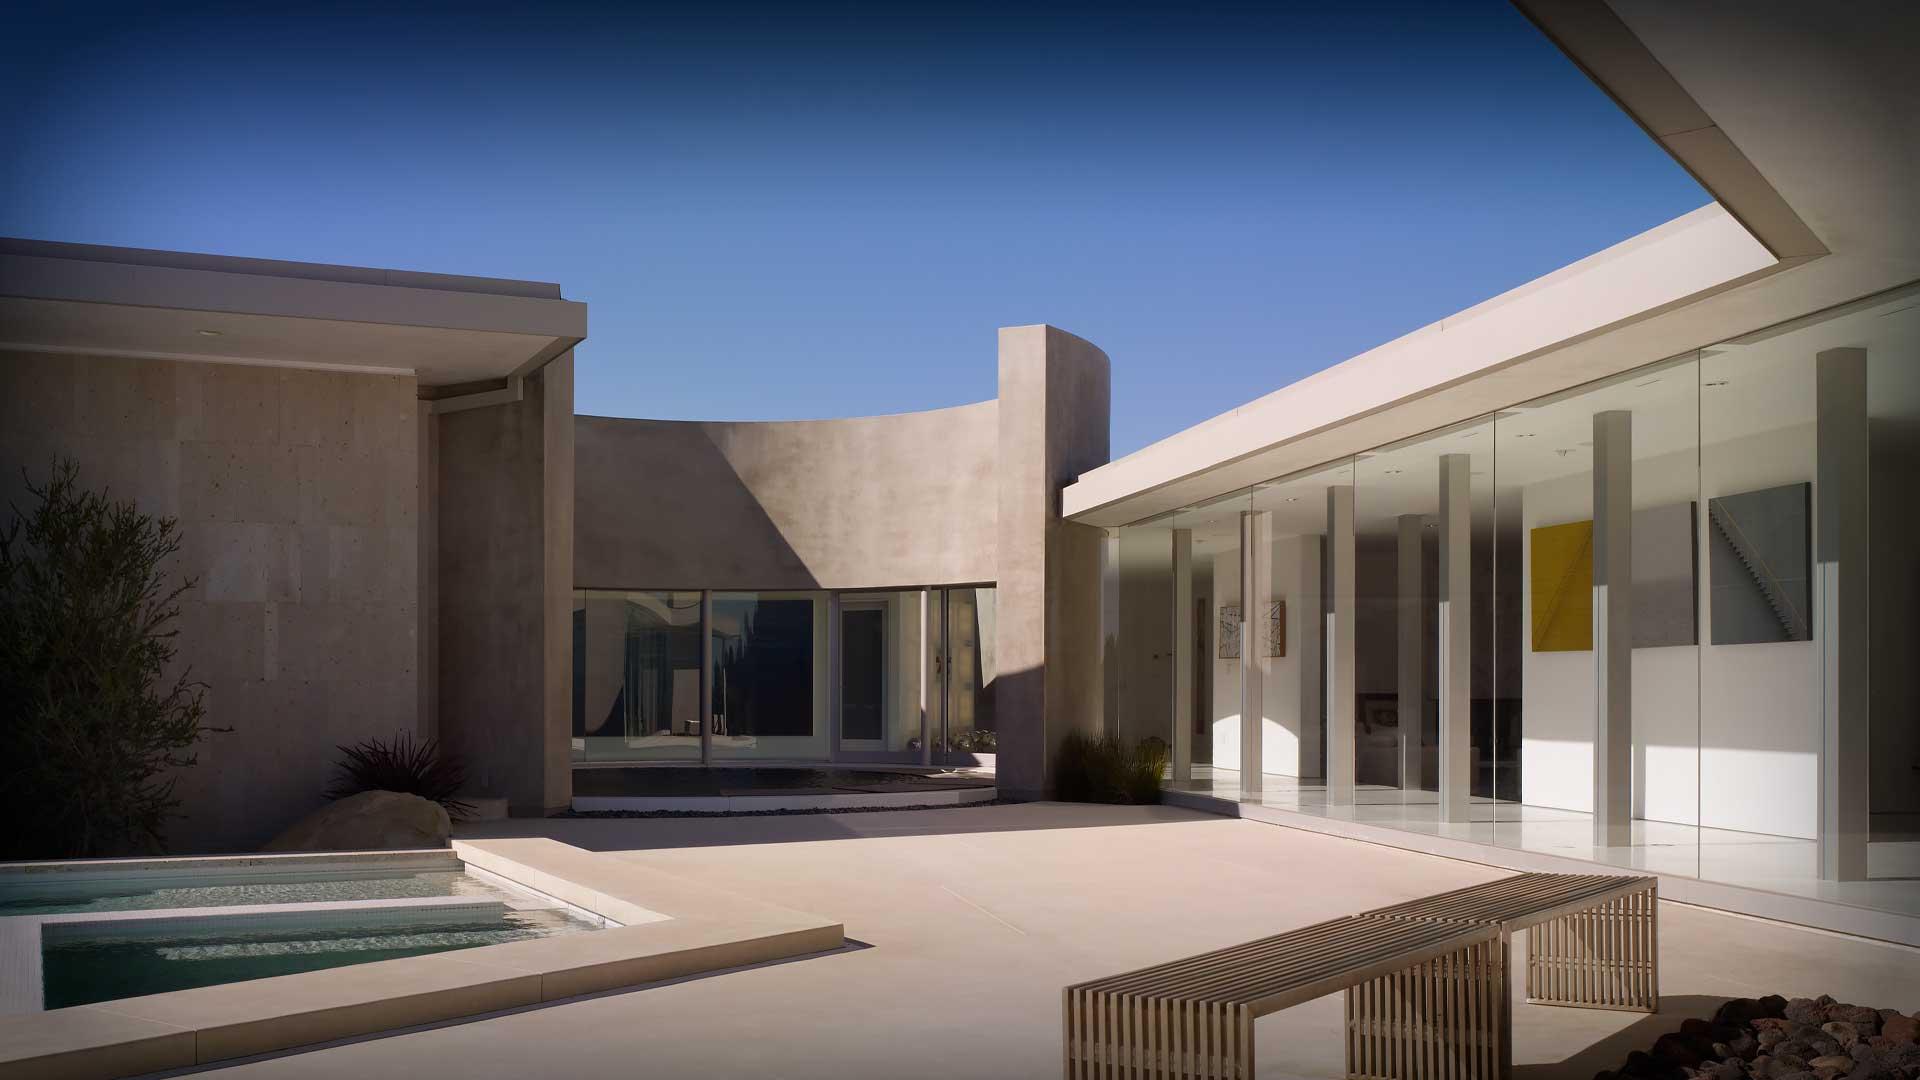 bel-air-house-1920×1080-02a